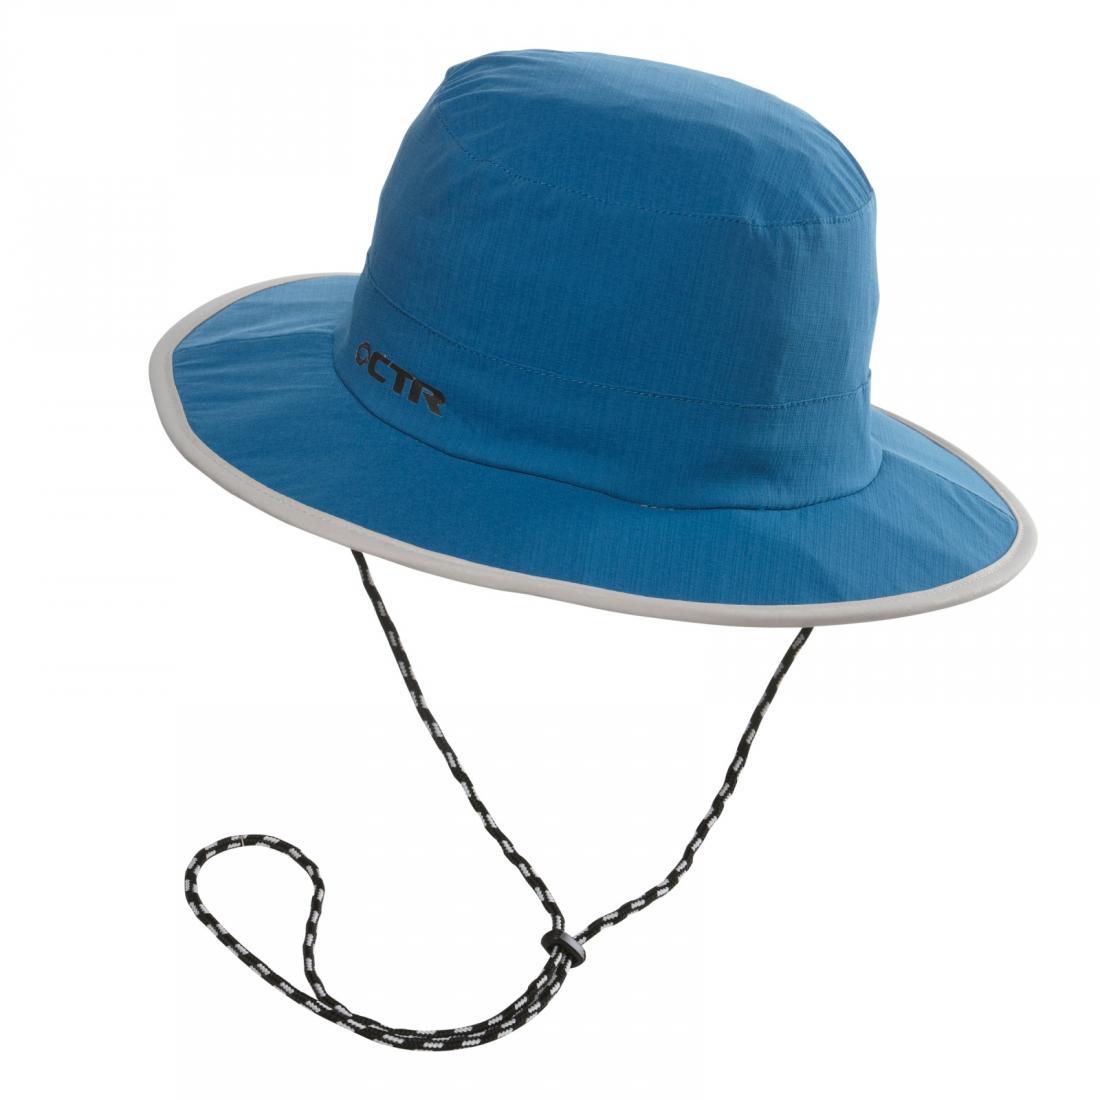 Панама Chaos  Summit Day Hat (женс)Панамы<br><br> Chaos Summit Day Hat — это оригинальная женская панама для яркого отдыха. Она привлекает внимание необычным дизайном, цветовым решением и формо...<br><br>Цвет: Синий<br>Размер: S-M